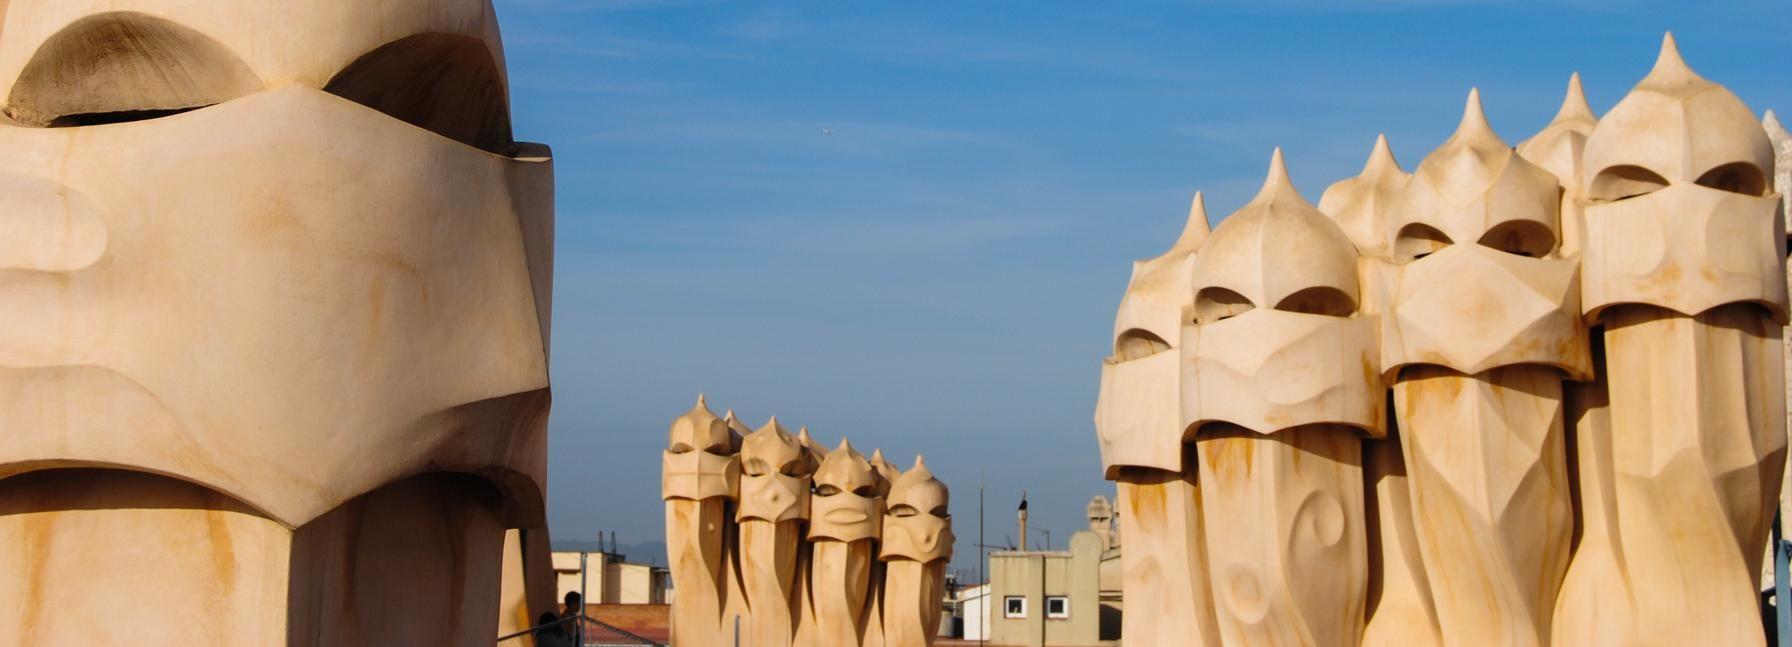 Barcelone: visite privée de la Casa Mila et de la Casa Vicens